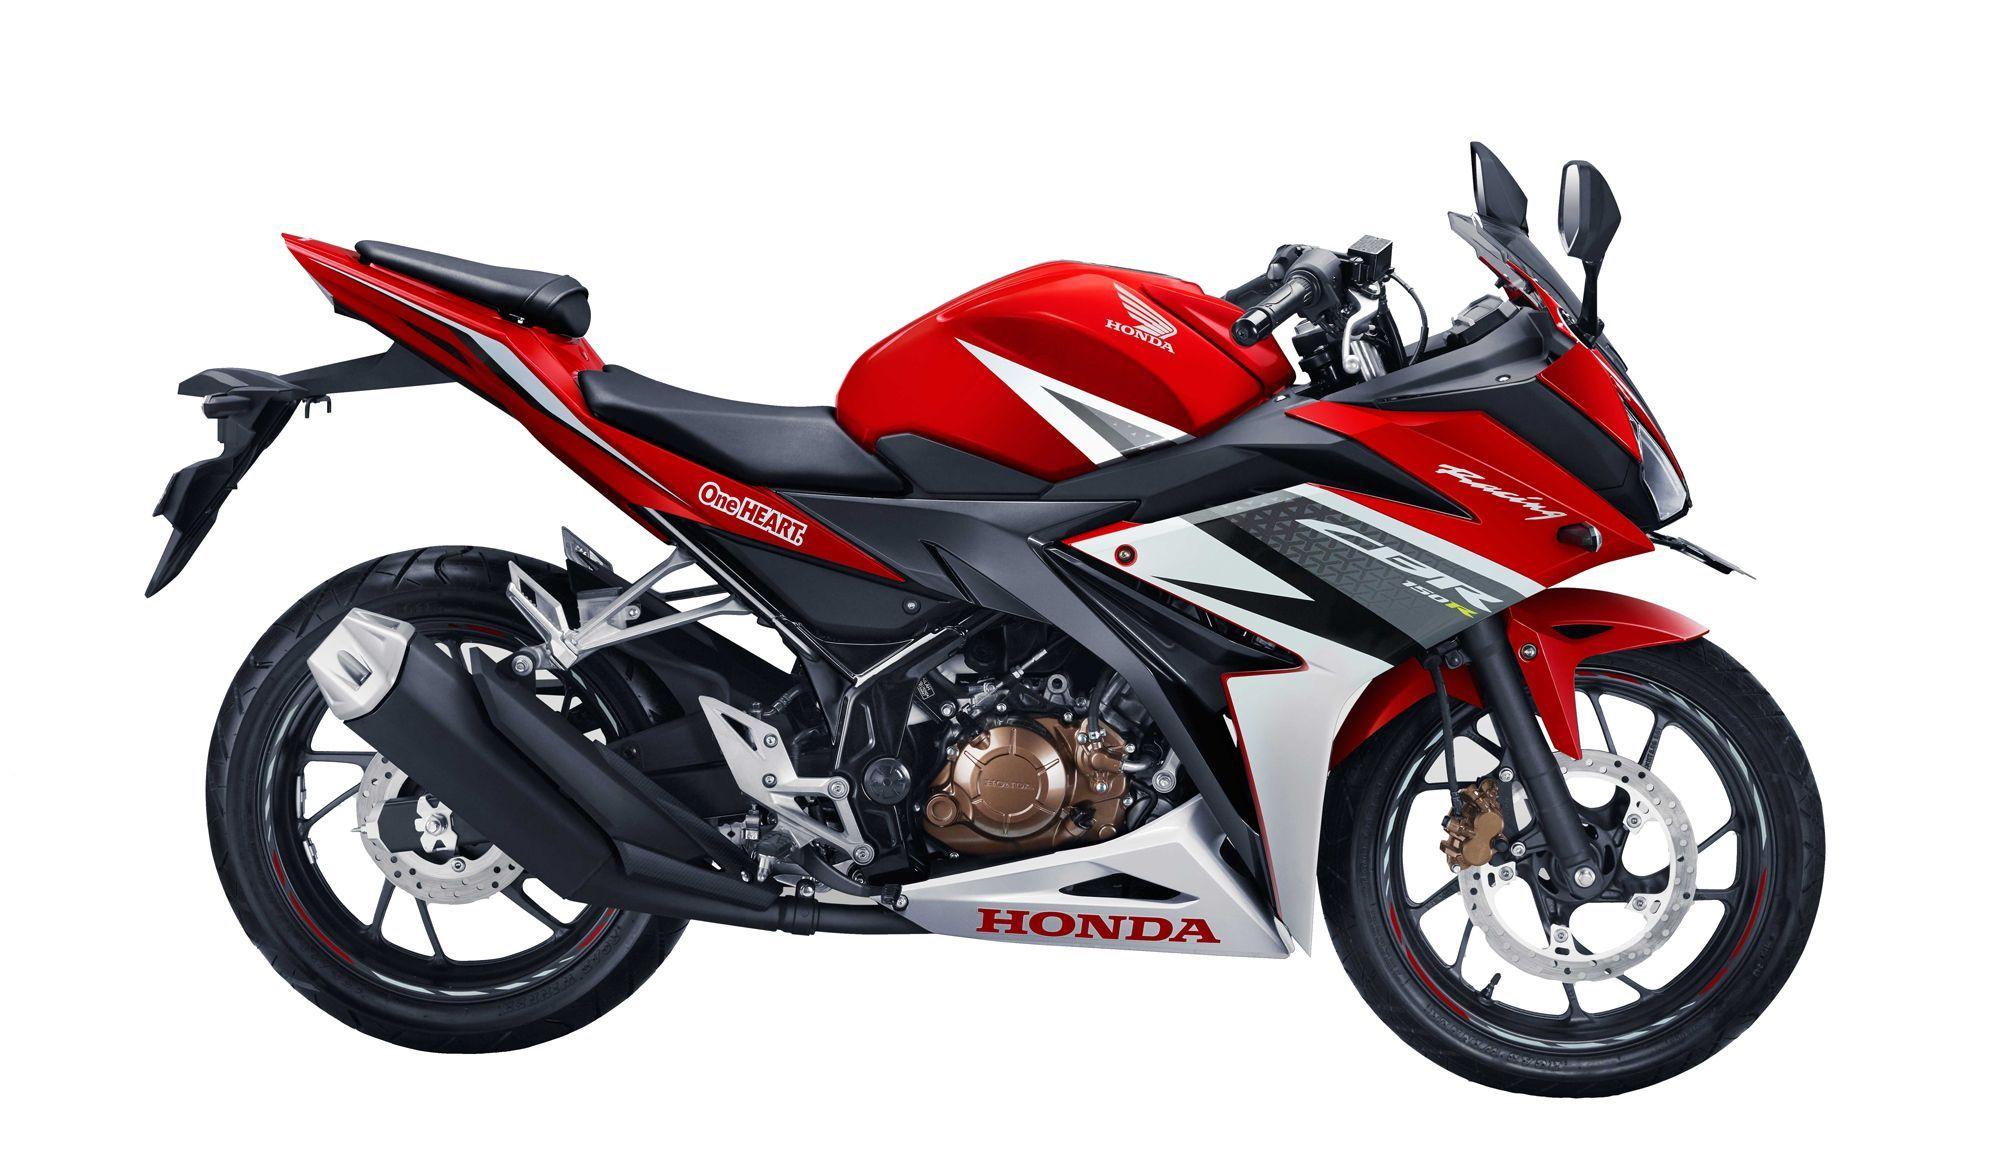 Perbedaan Mesin Honda CBR 150R Dengan CB150R StreetFire